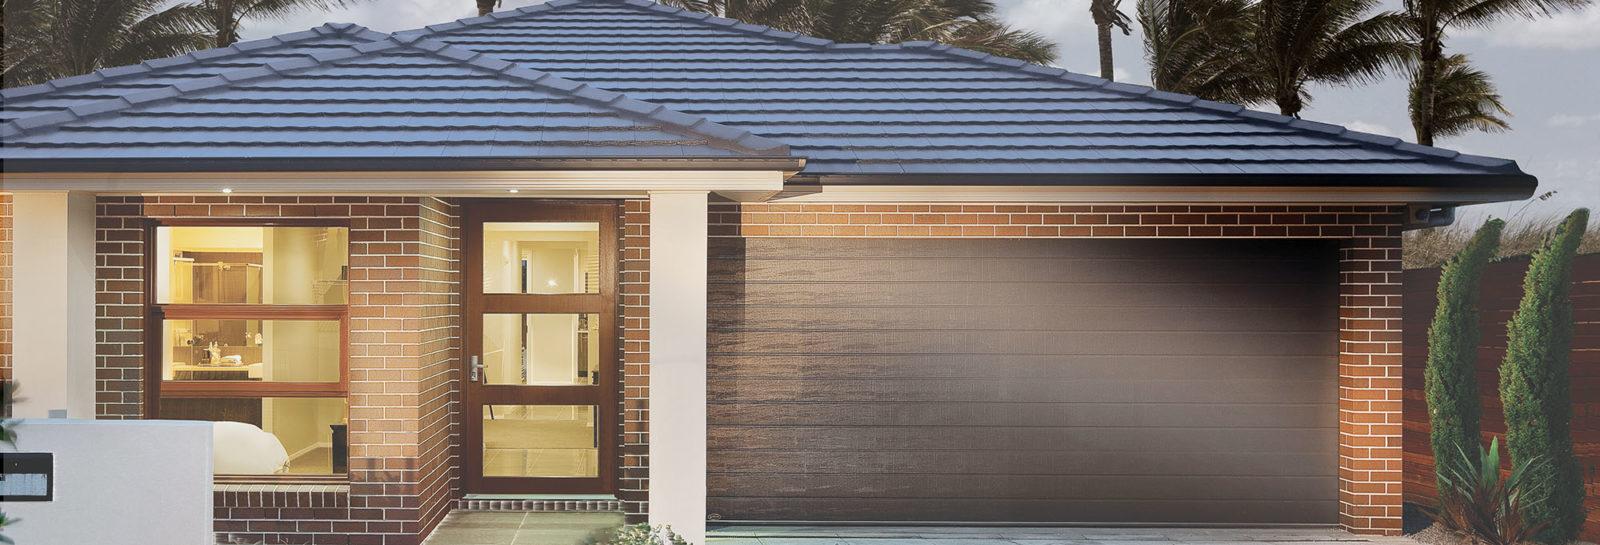 wind-rated-garage-door-banner & wind-rated-garage-door-banner | Tom Moore u0026 Son Launceston Devonport